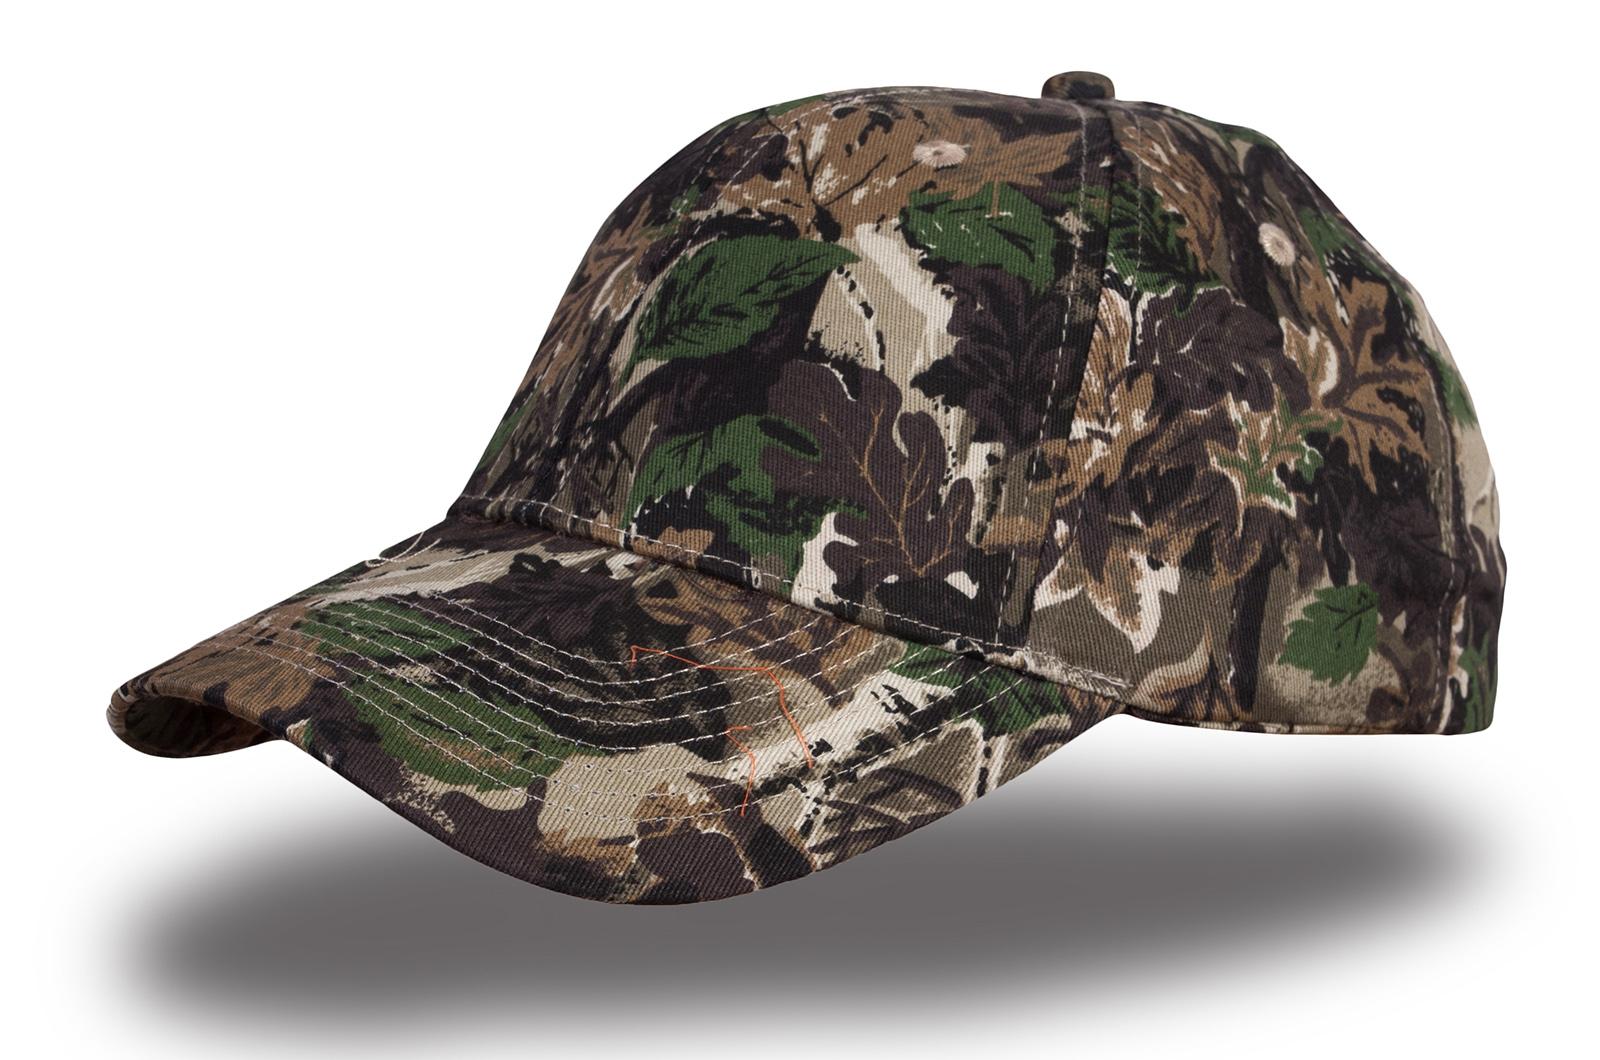 Заказывайте кепки с камуфляжем лес с доставкой в ваш город